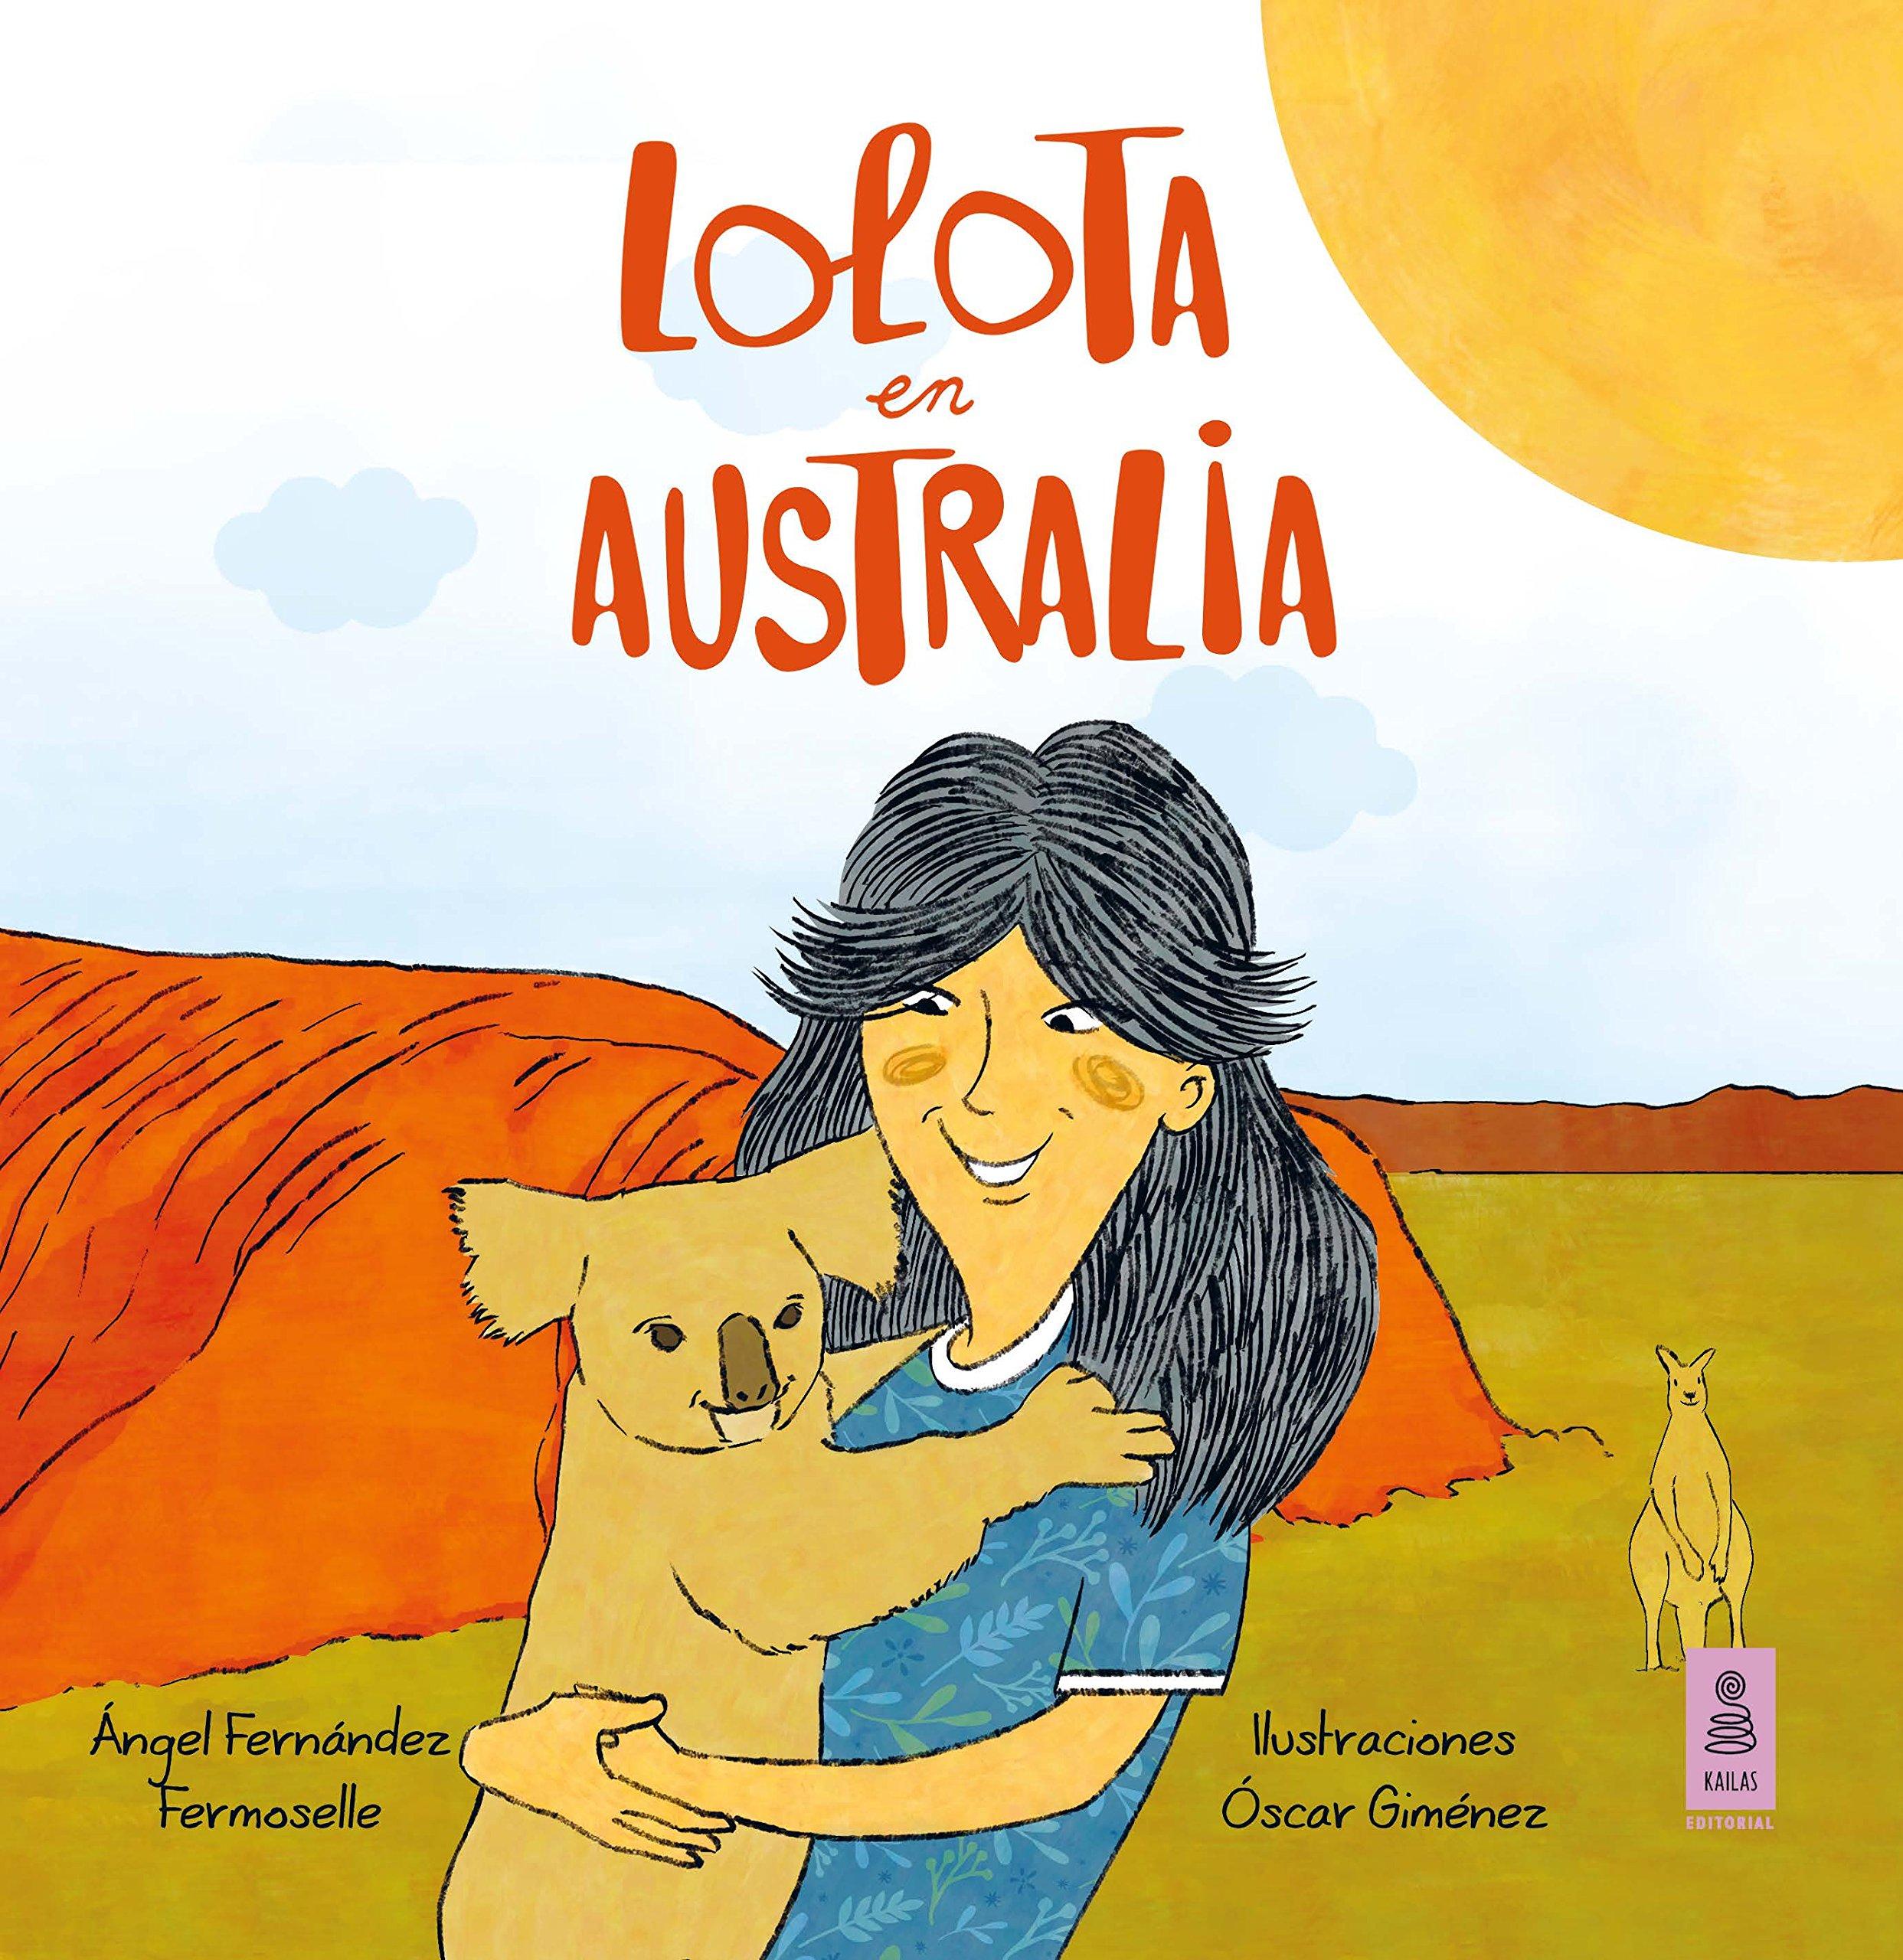 Lolota en Australia: Ángel Fernández Fermoselle: 9788416523474: Amazon.com: Books